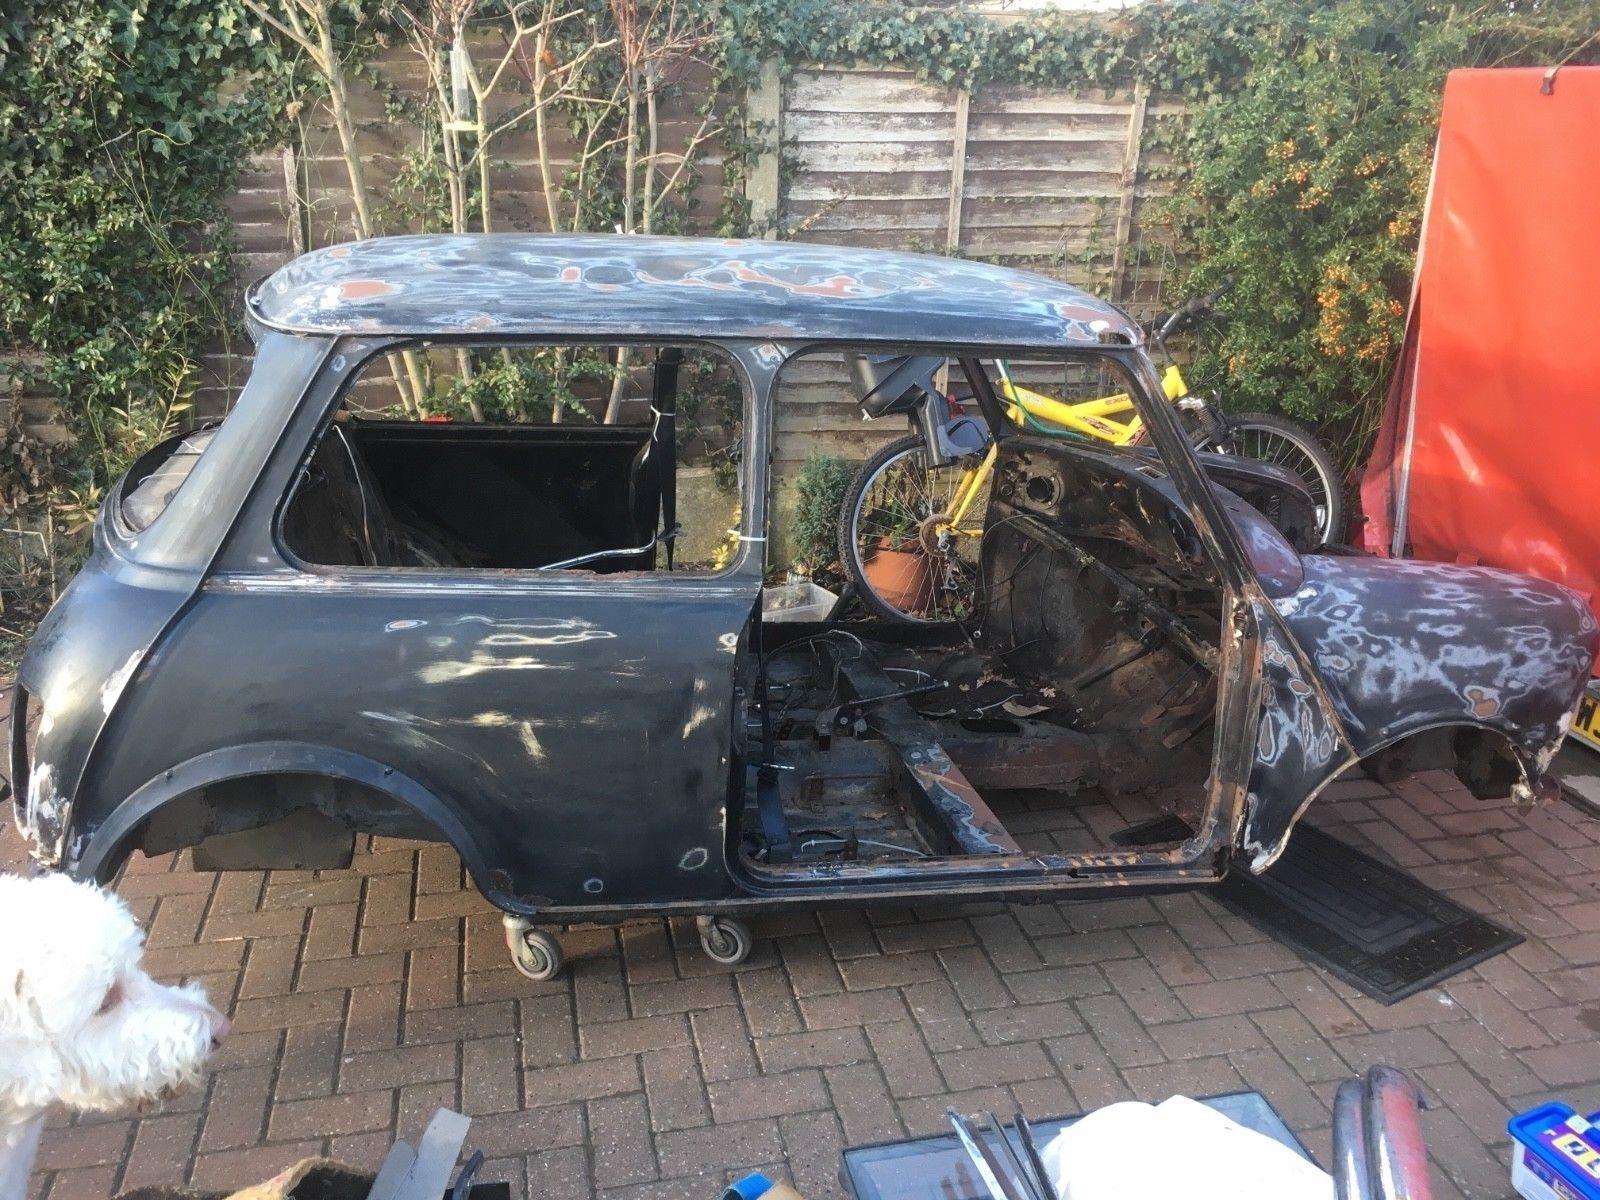 EBay Classic Mini Project Barn Find Restoration Classicmini